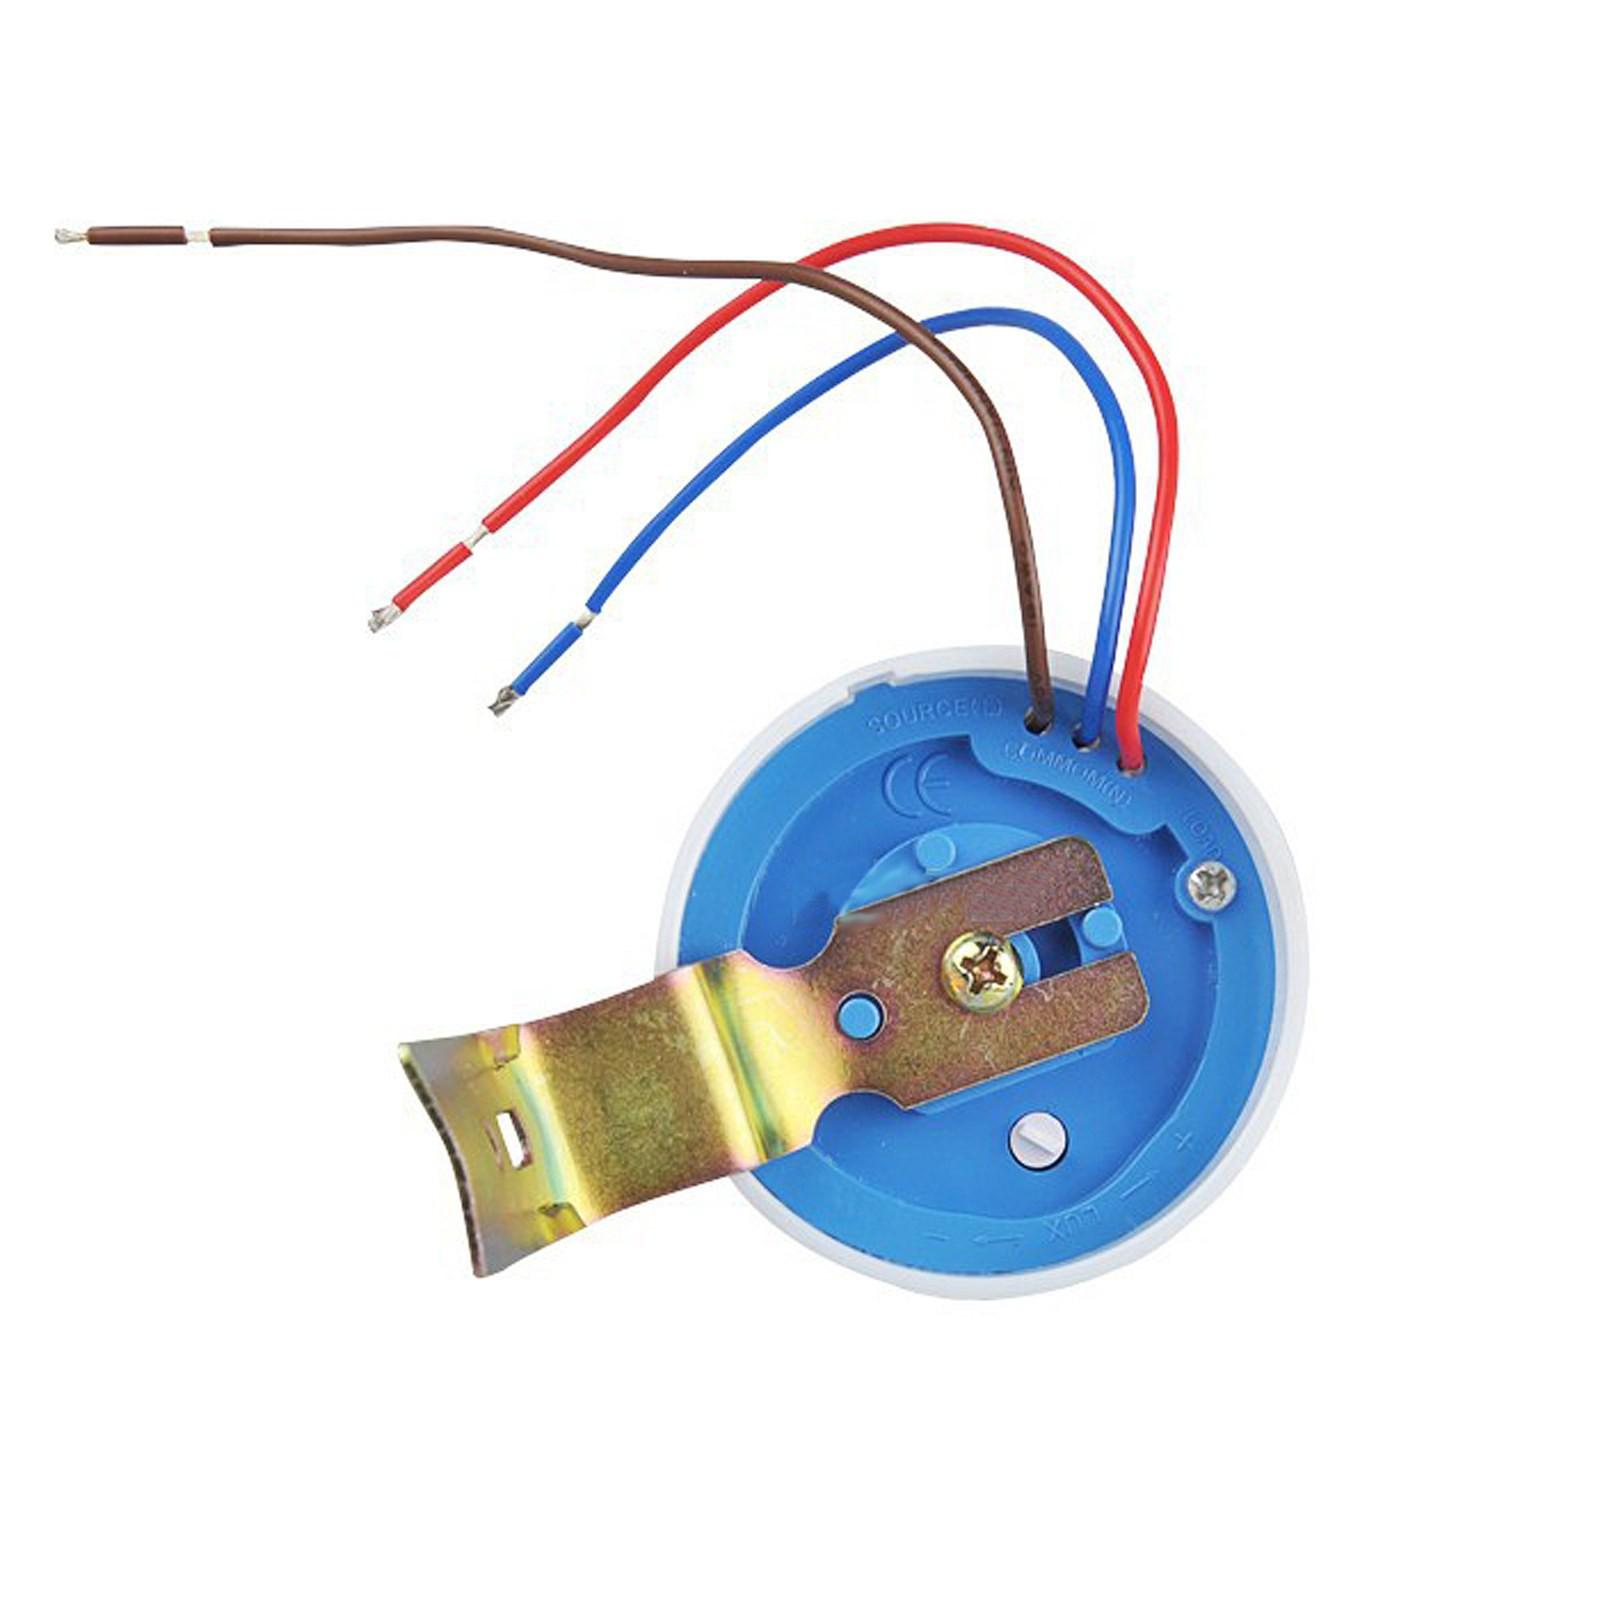 Interruttore Sensore Crepuscolare 6A 220V per Luci Lampade Faro LED Esterno